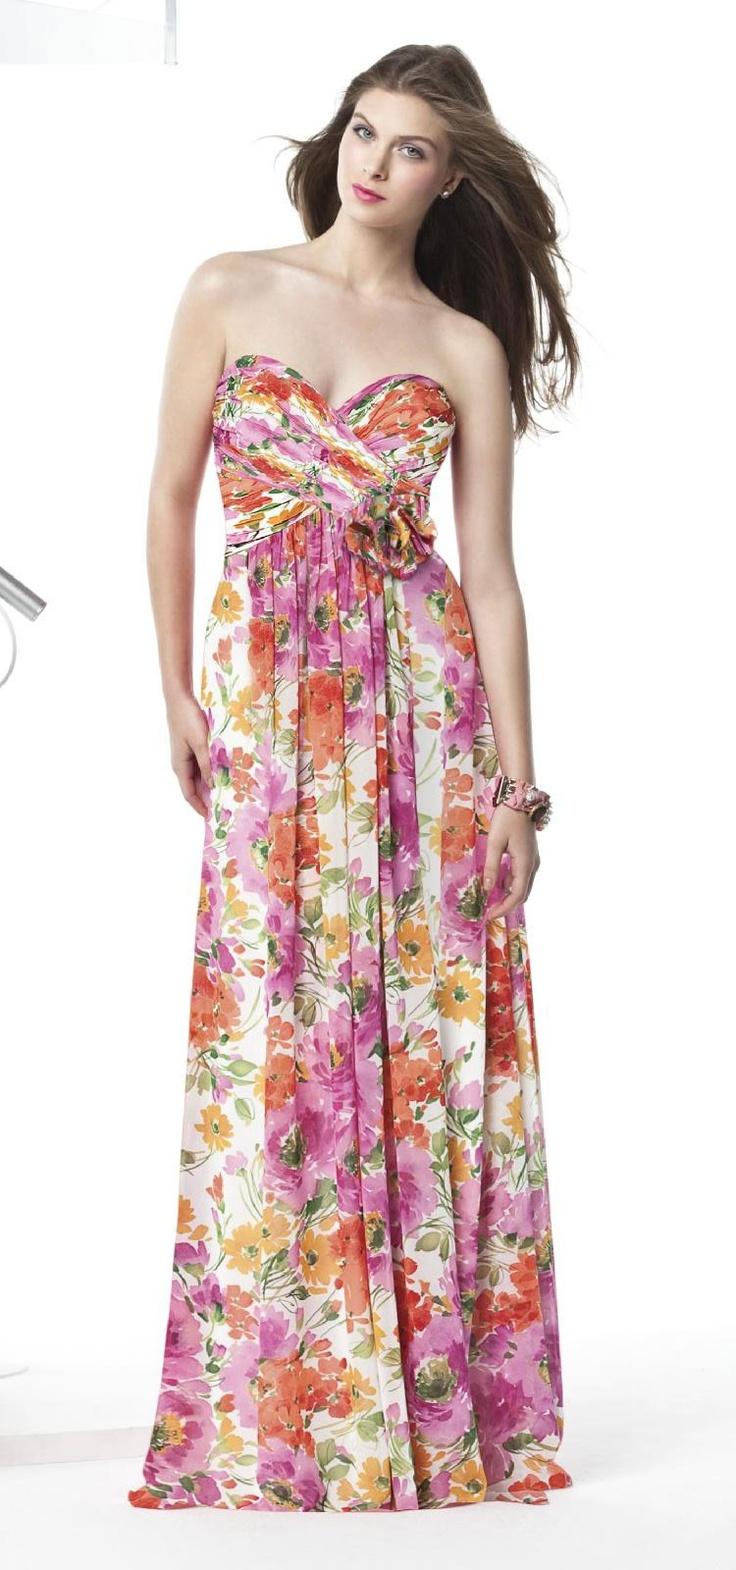 Mejores 27 imágenes de Dresses en Pinterest   Cosas de boda, Bodas y ...